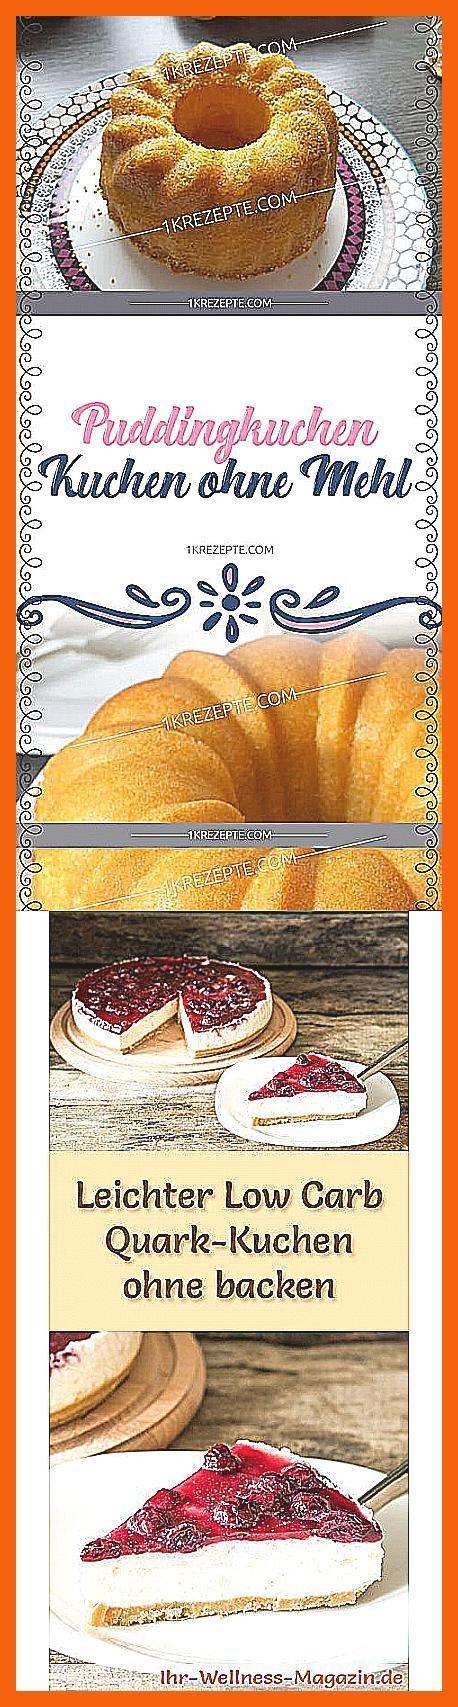 Photo of Nutella-Torte Ohne Backen  Top-Rezeptede –  #Puddingkuchen – #Kuchen ohne #Meh…